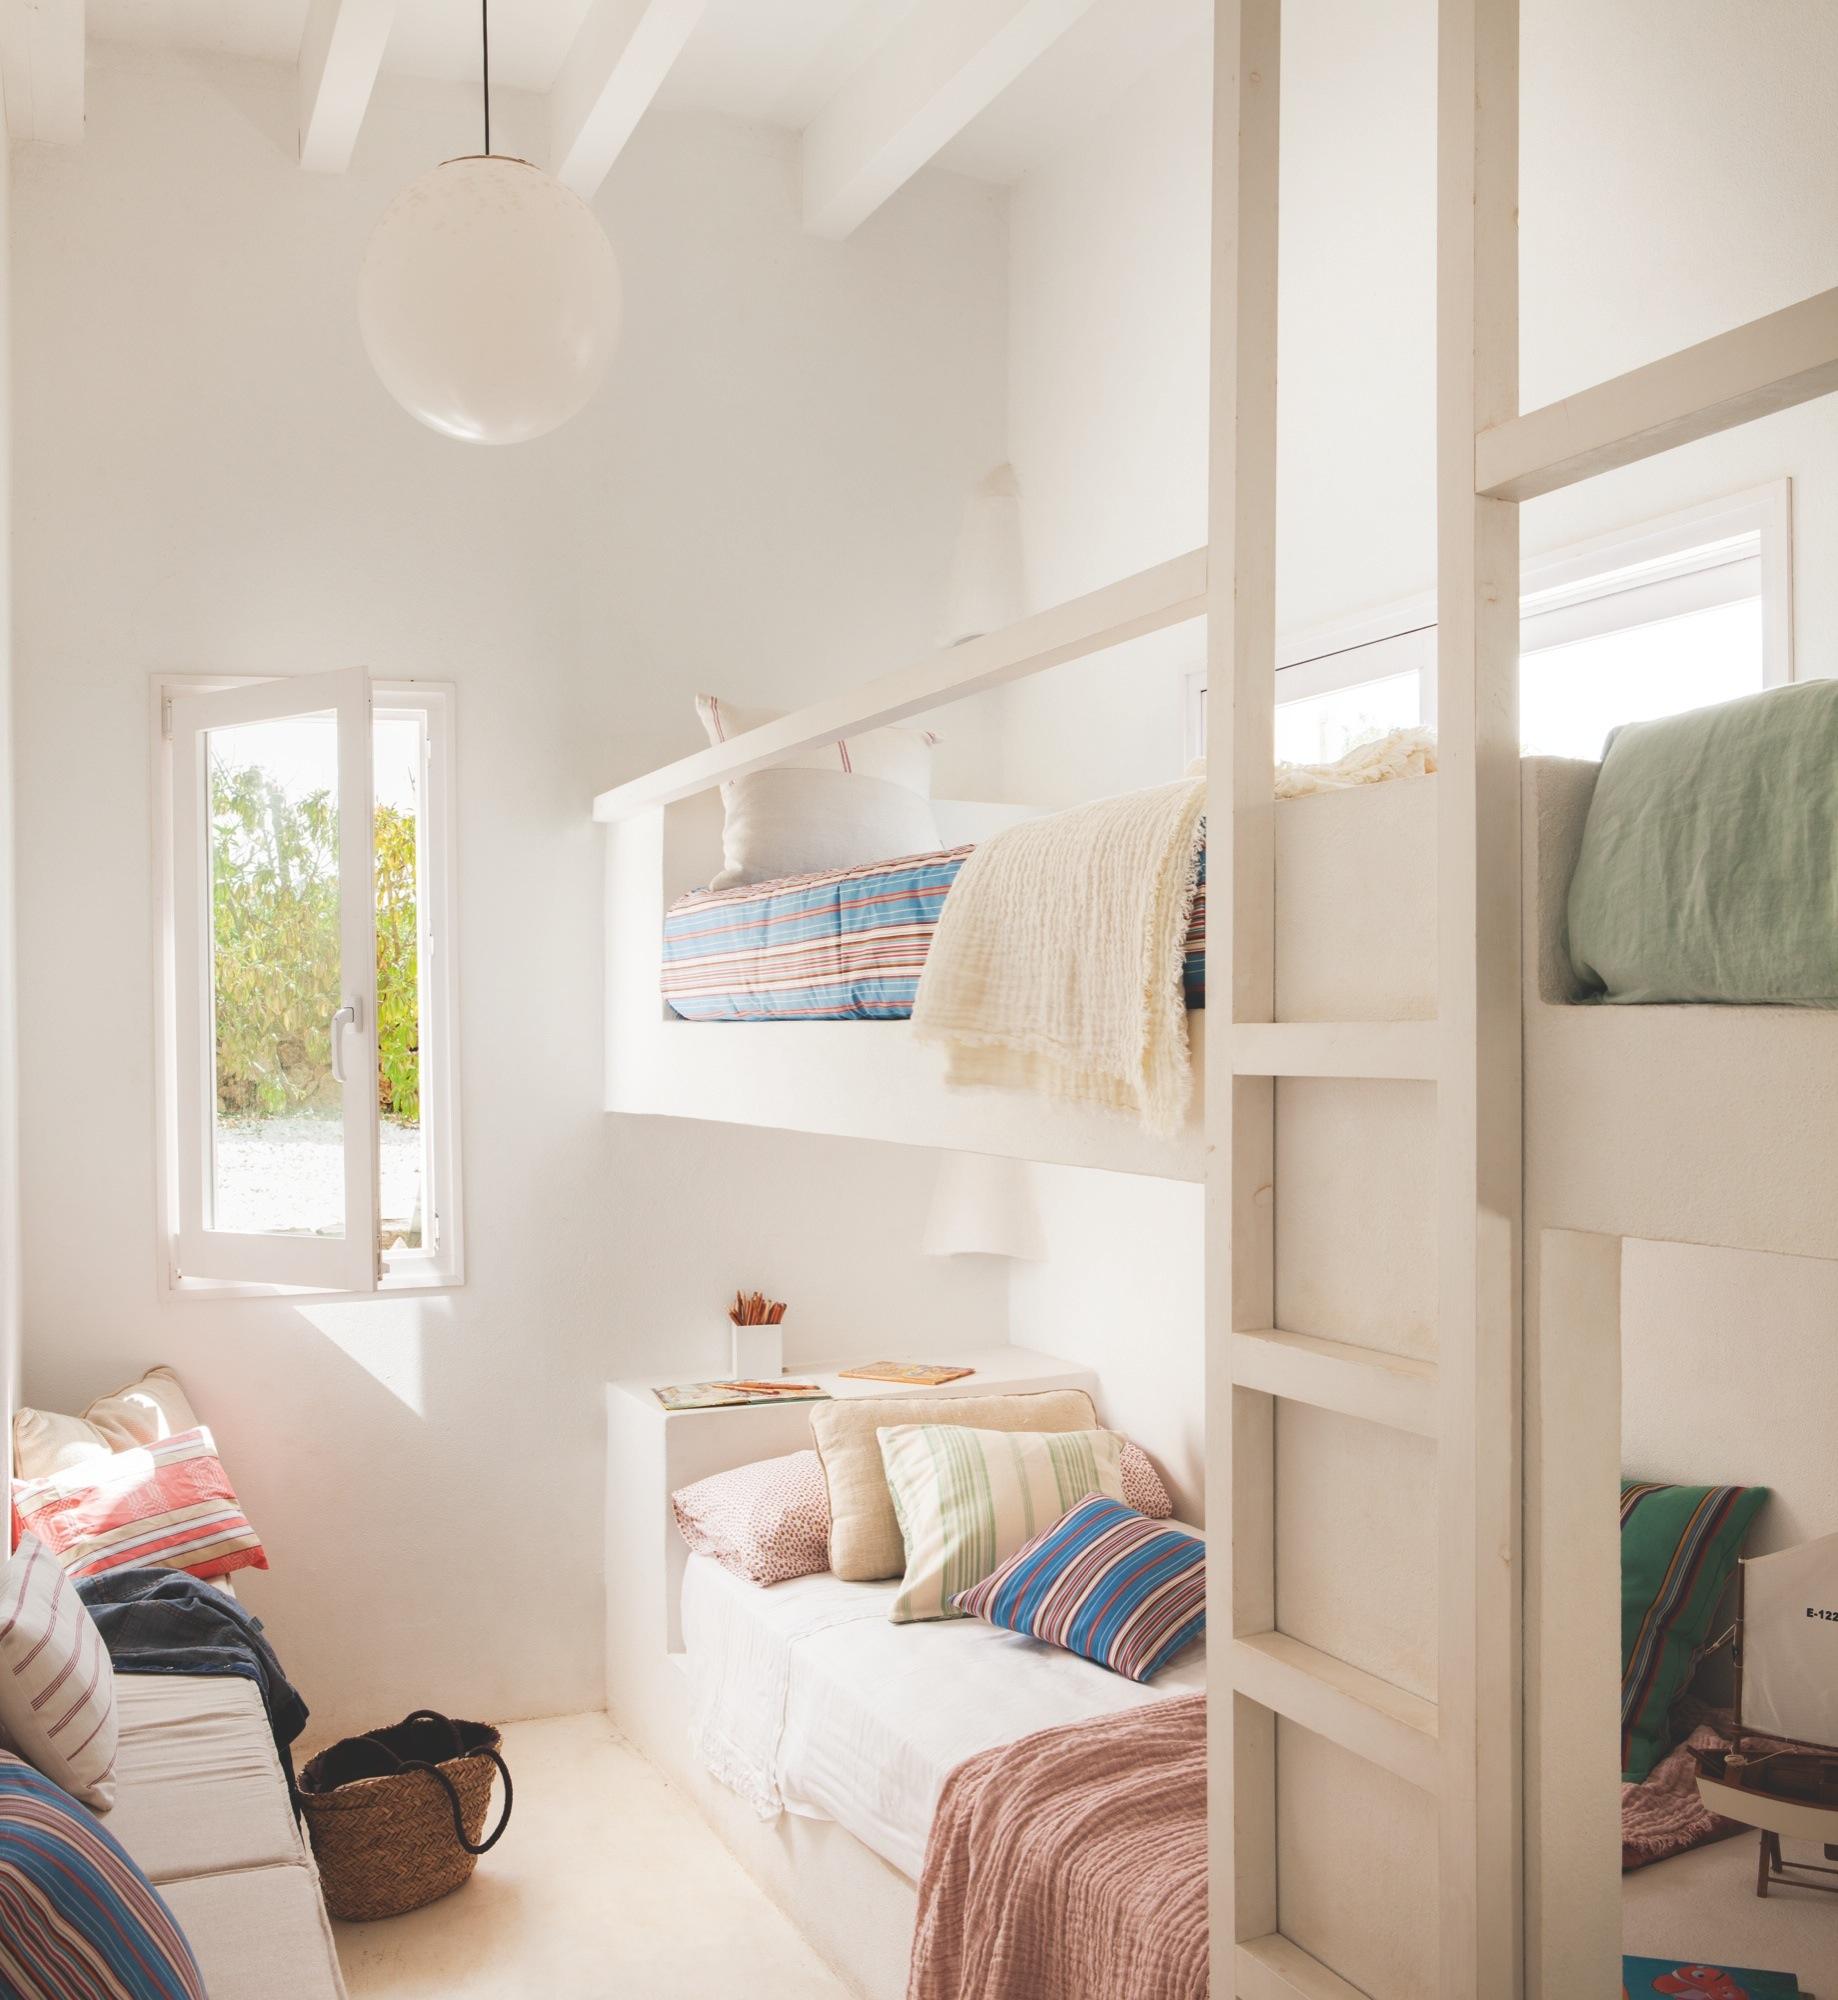 Una casa en menorca con vistas al mar perfecta para el verano - Camas de obra ...